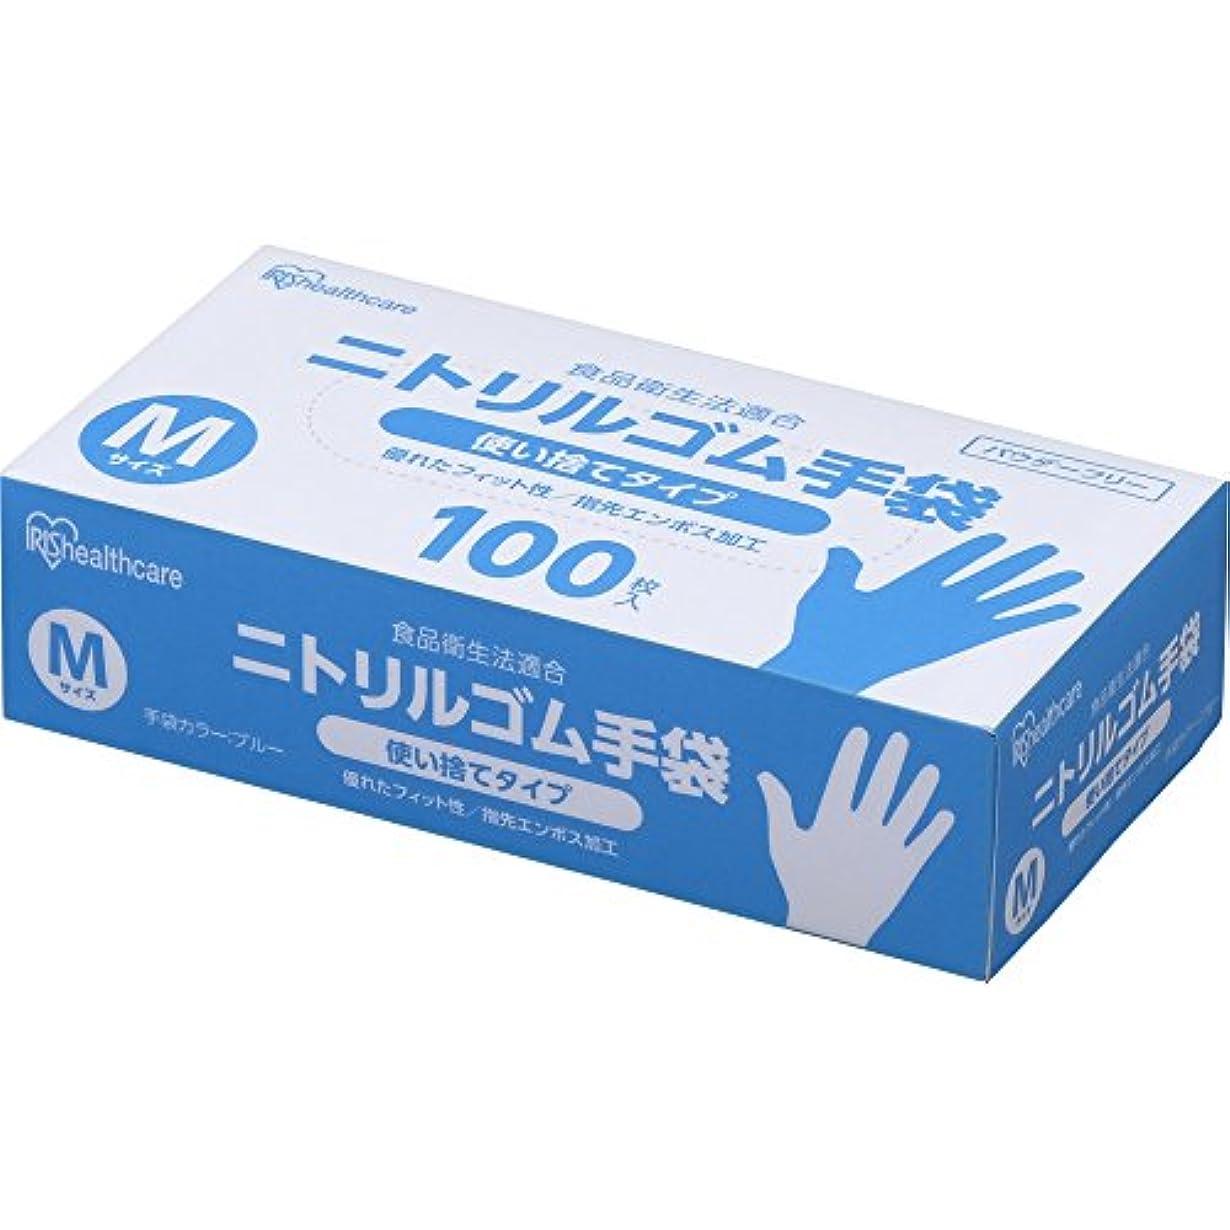 マオリドット梨アイリスオーヤマ 使い捨て手袋 ブルー ニトリルゴム 100枚 Mサイズ 業務用